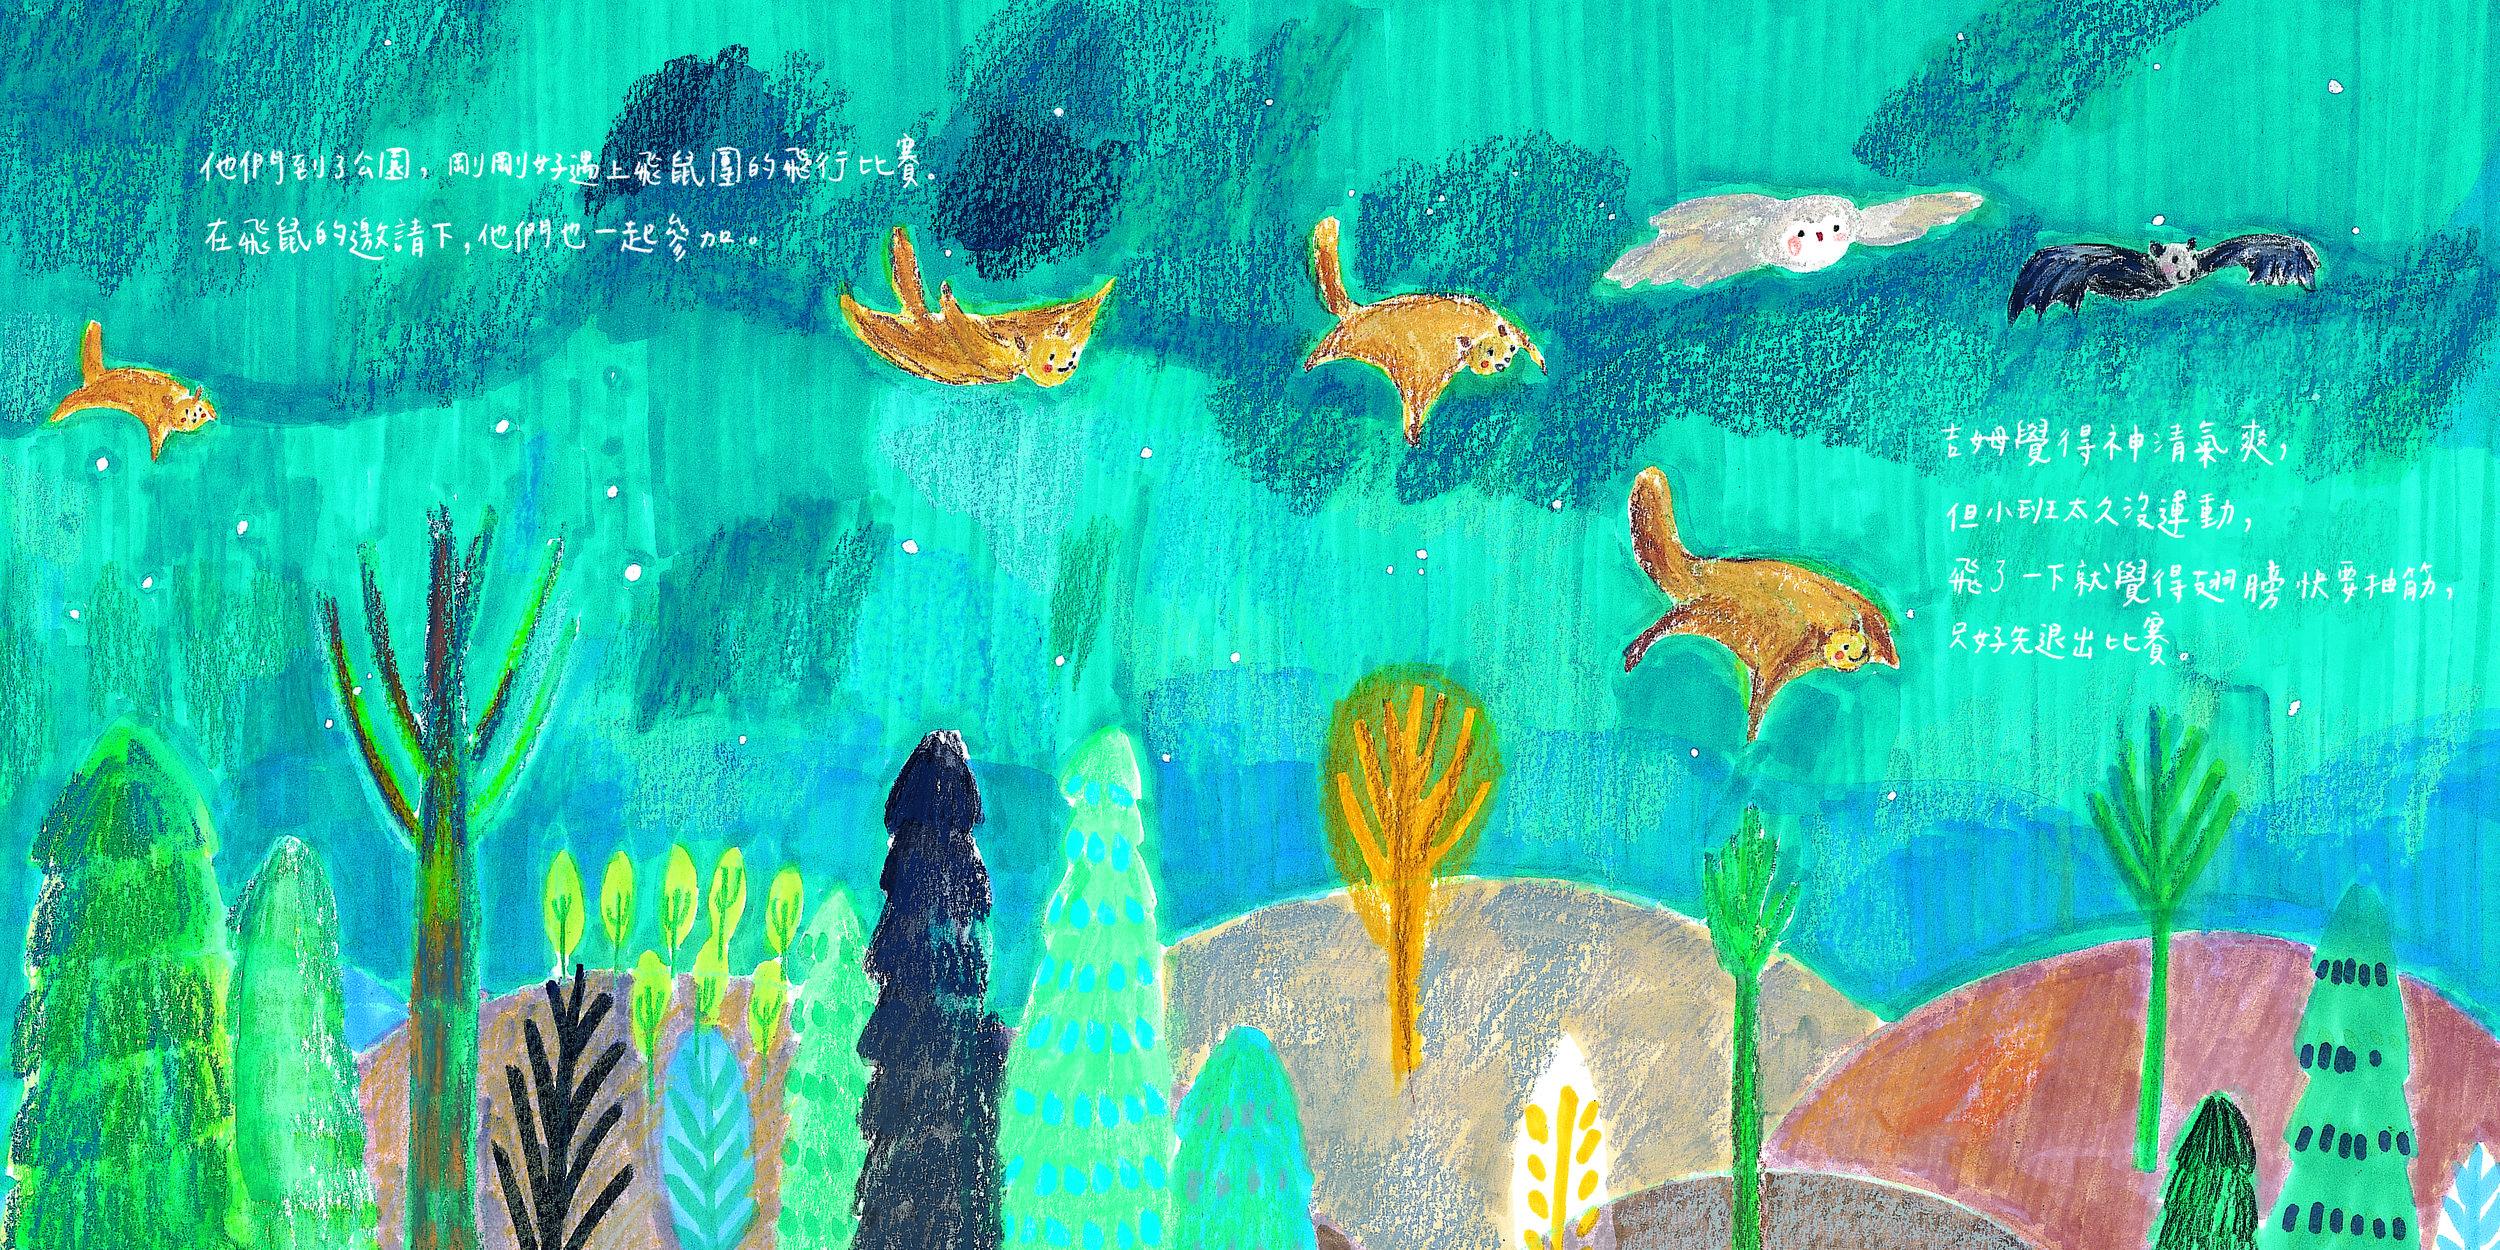 《小班》是Shin shin的第一本童书创作,从故事发想到插画绘制通通一手包办,就连手写字也都自己来!